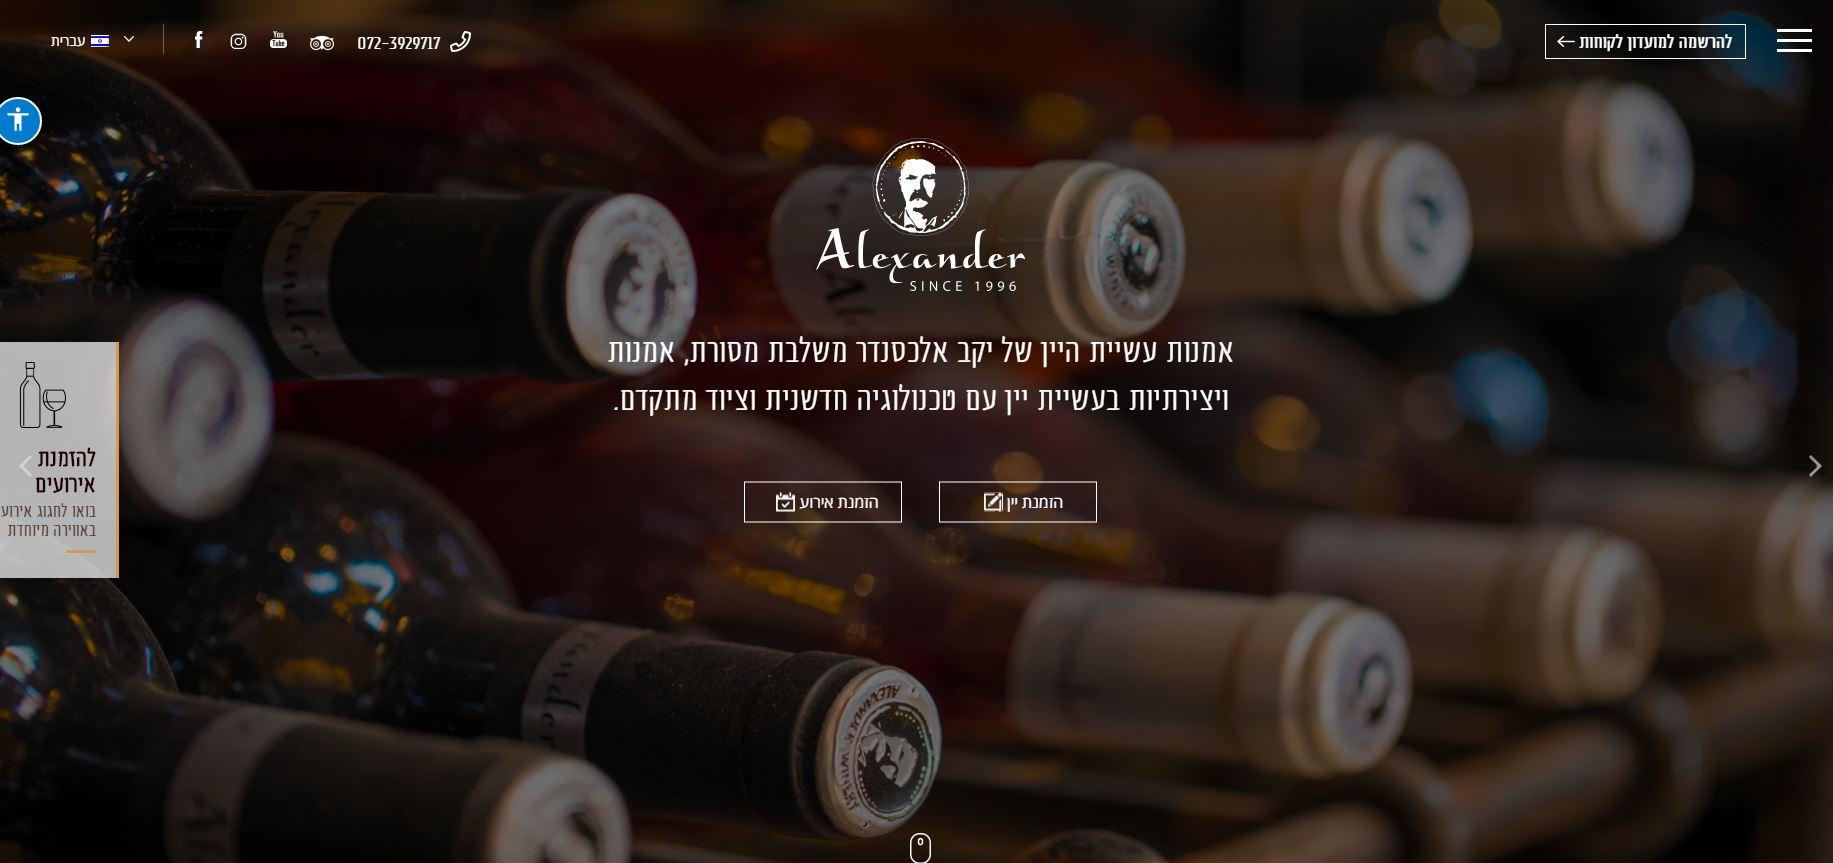 צילום מסך של יקב אלכסנדר